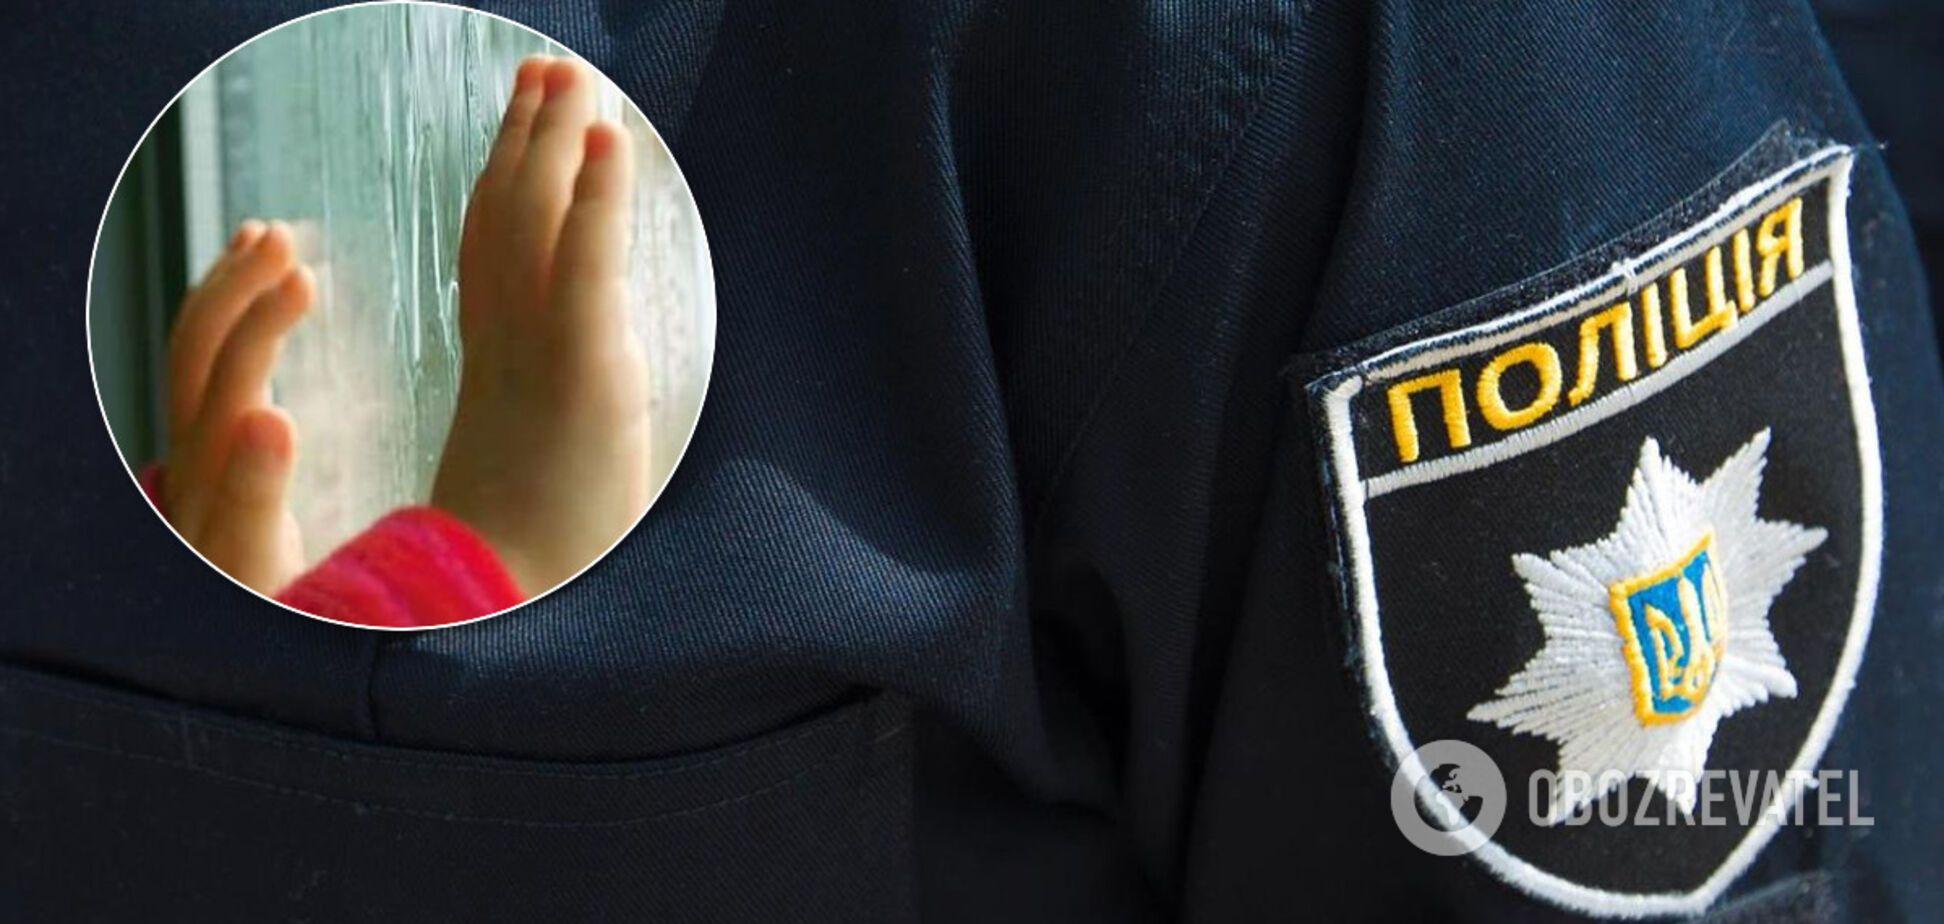 В Киеве трехлетний мальчик выпал из окна девятого этажа и погиб. Иллюстрация